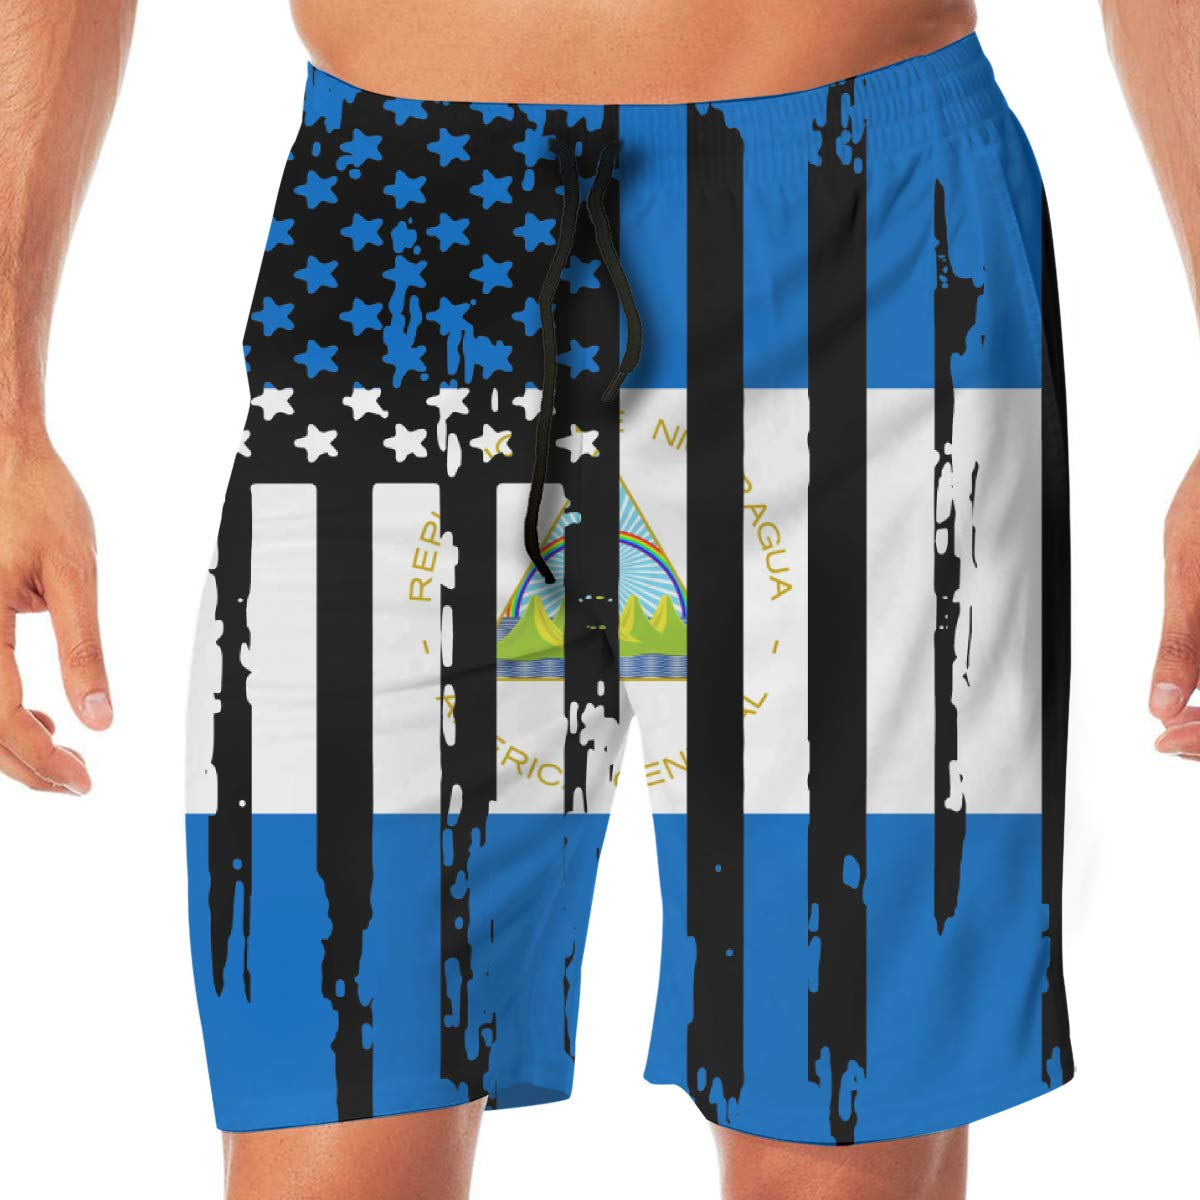 Mens Abstract American Nicaragua Flag Boardshorts Beach Shorts No Mesh Lining